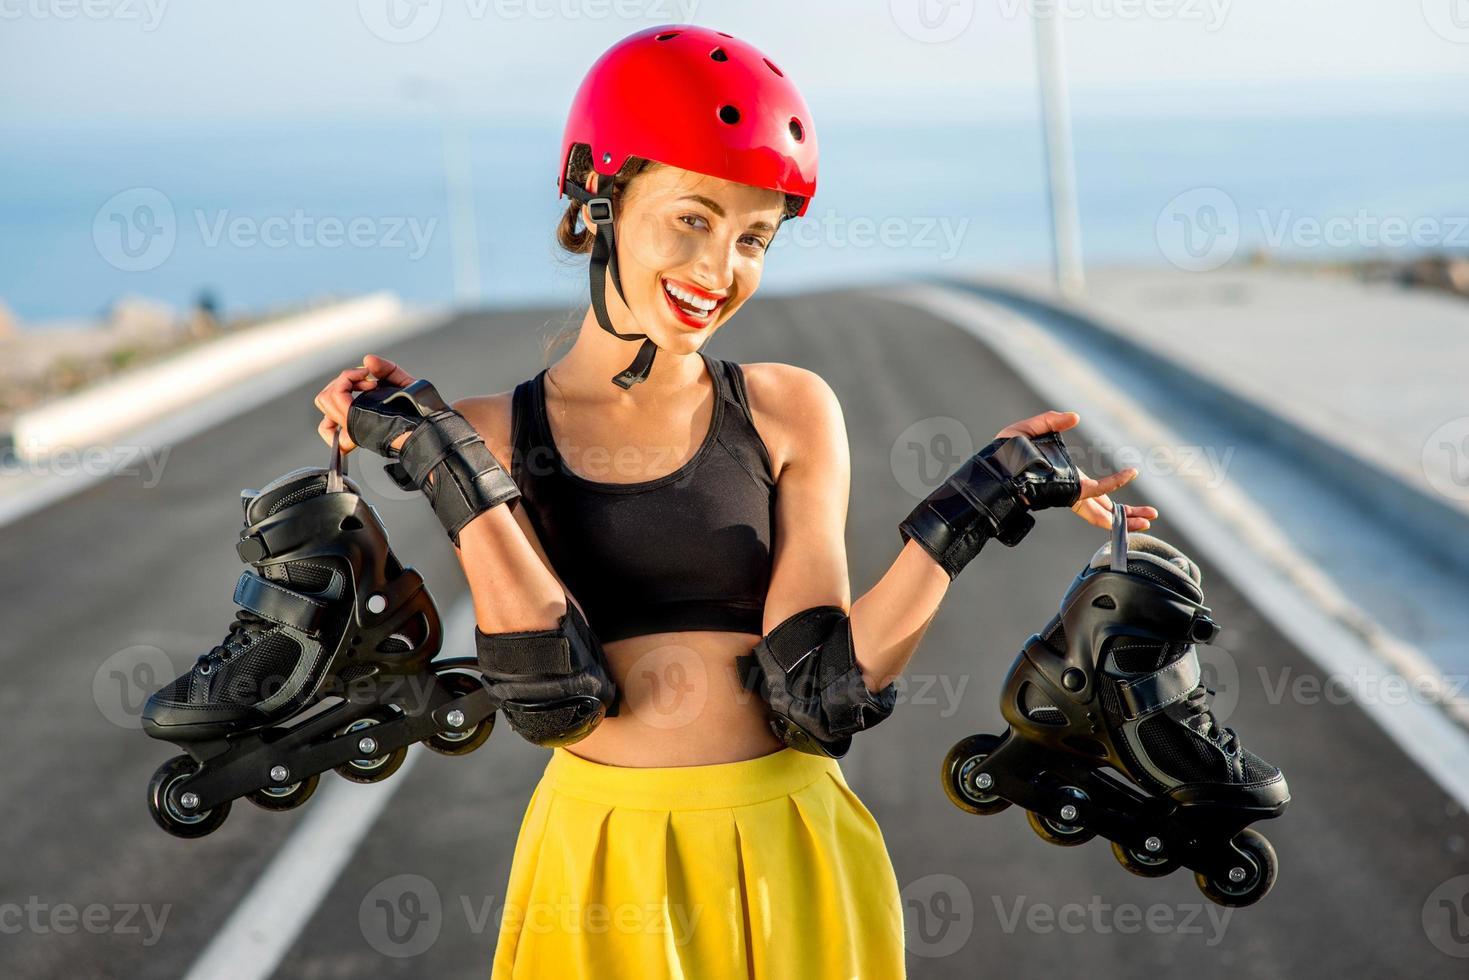 sportvrouw met rollen op de snelweg foto